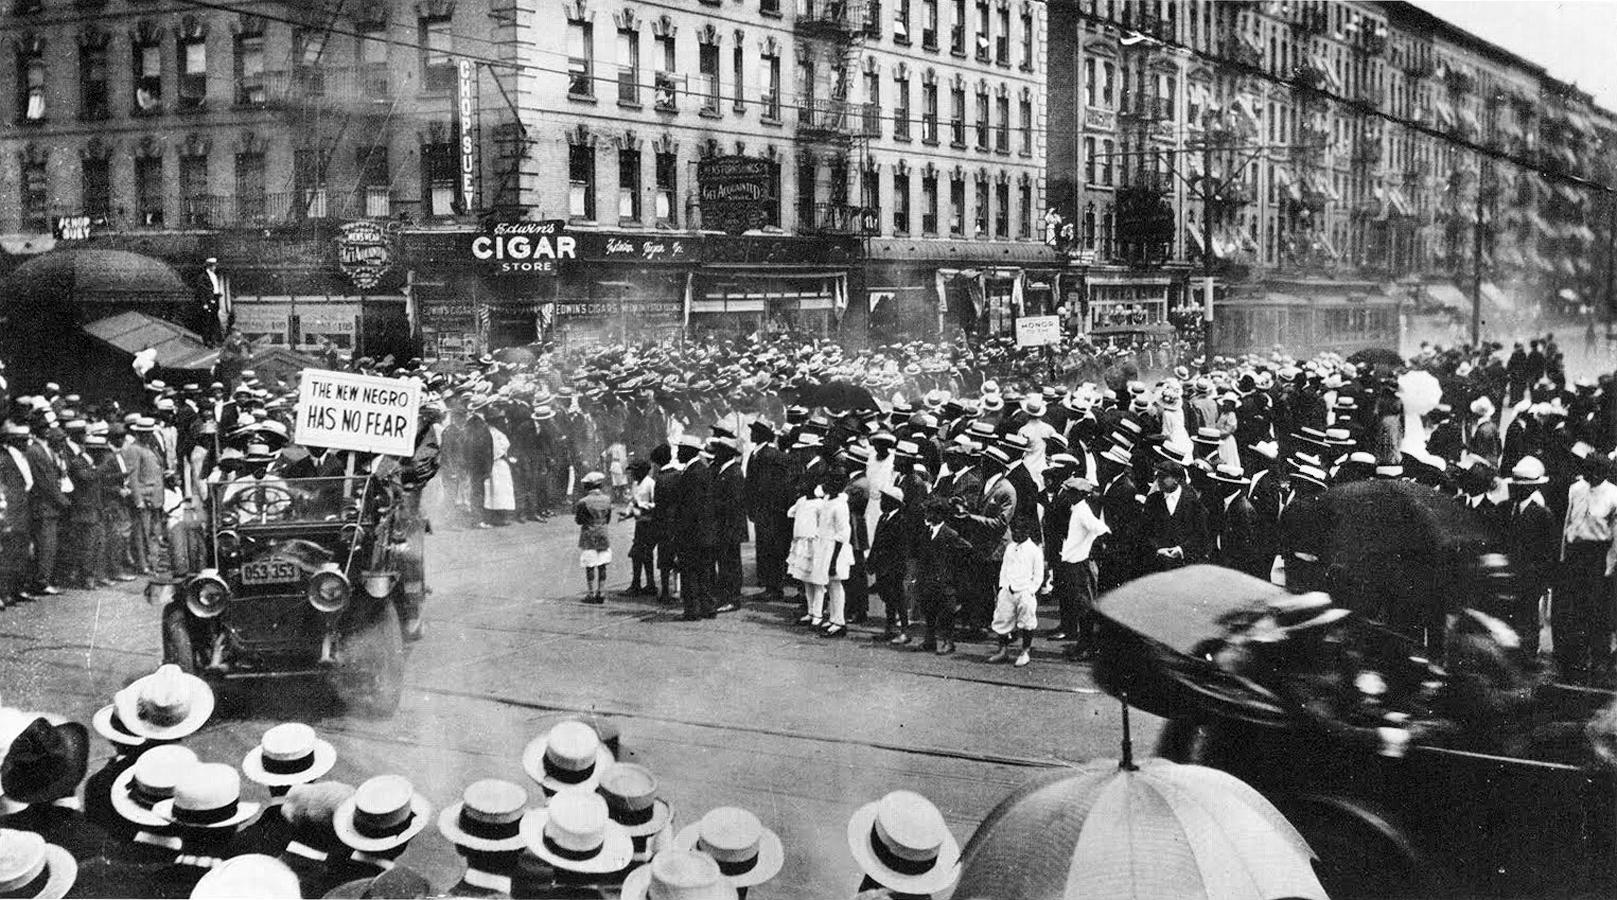 Members of the UNIA in Harlem (1924)